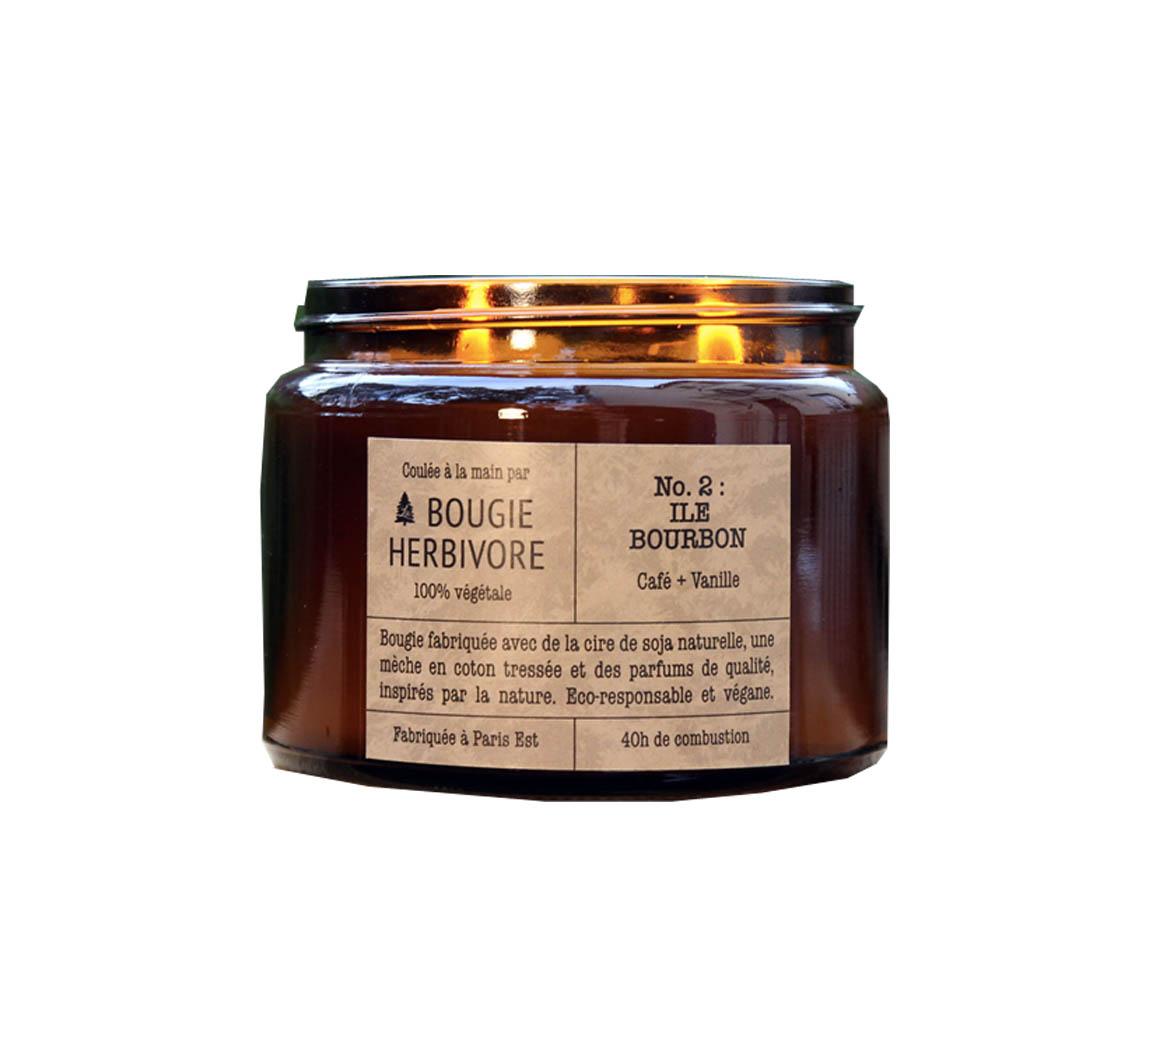 Produit cosmétique Bougie Double Mèche - Cosmétiques Bougie Herbivore 1c3513e54ef8